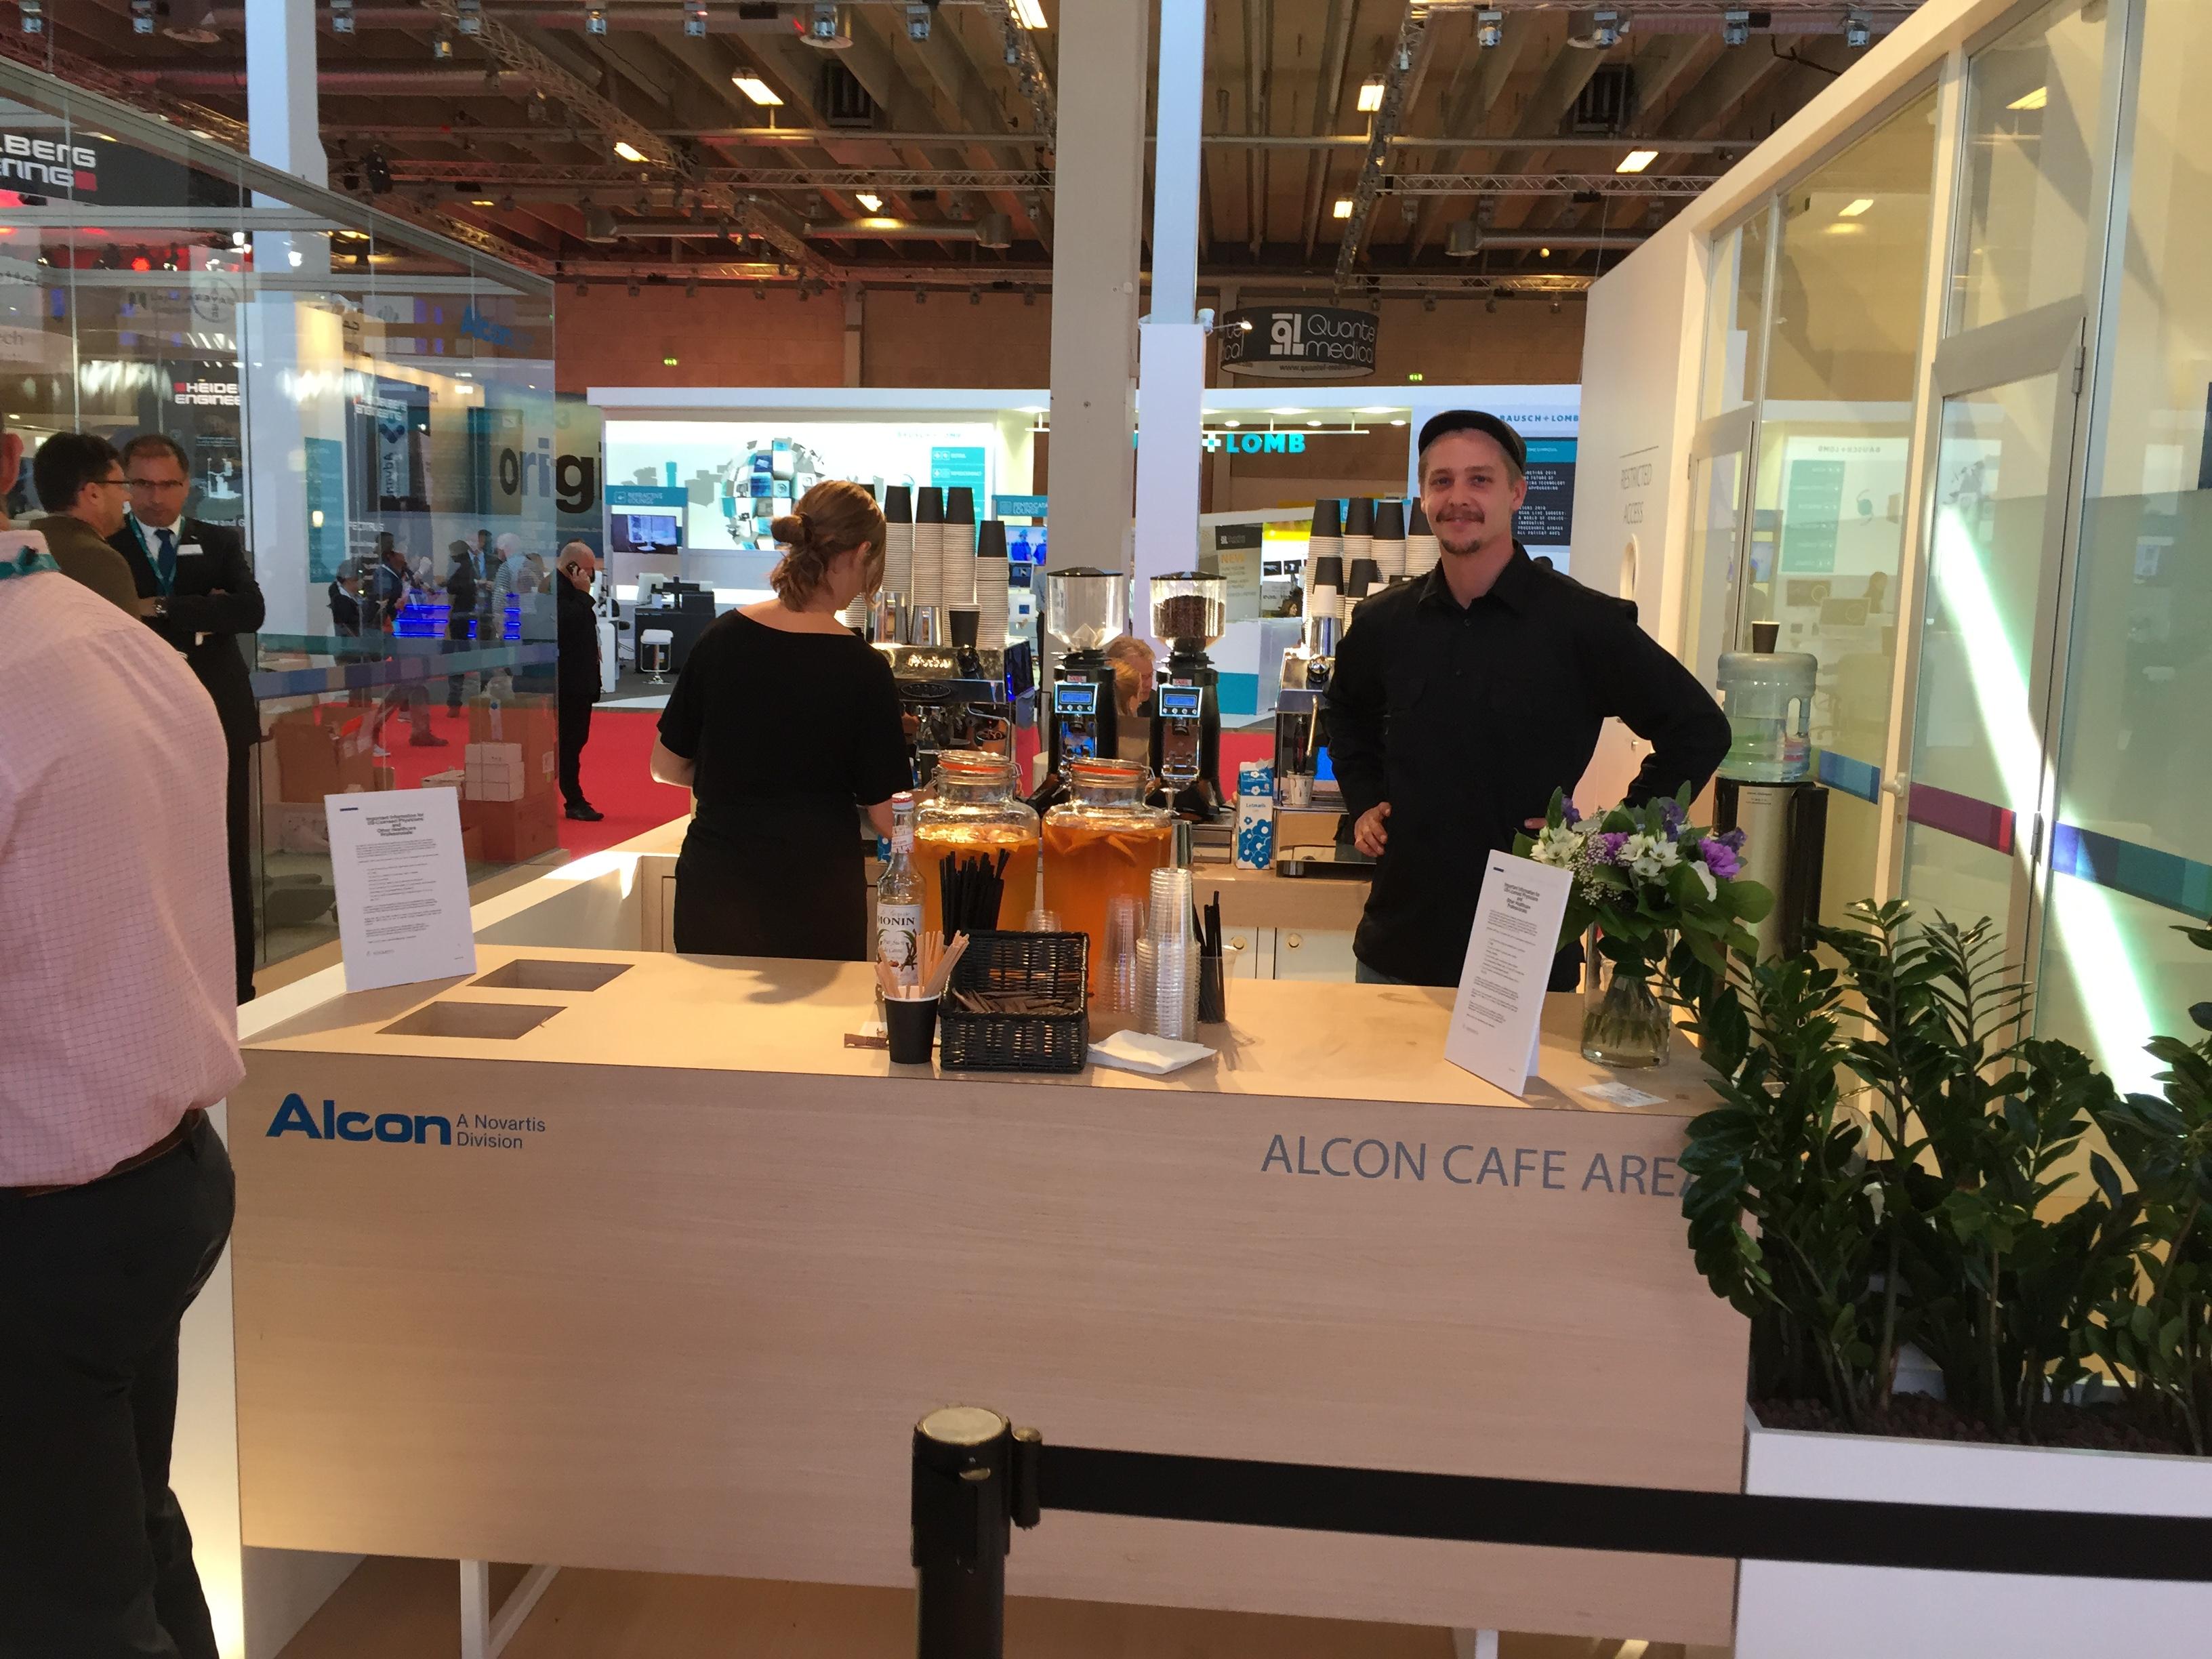 Alcon-kaffebar